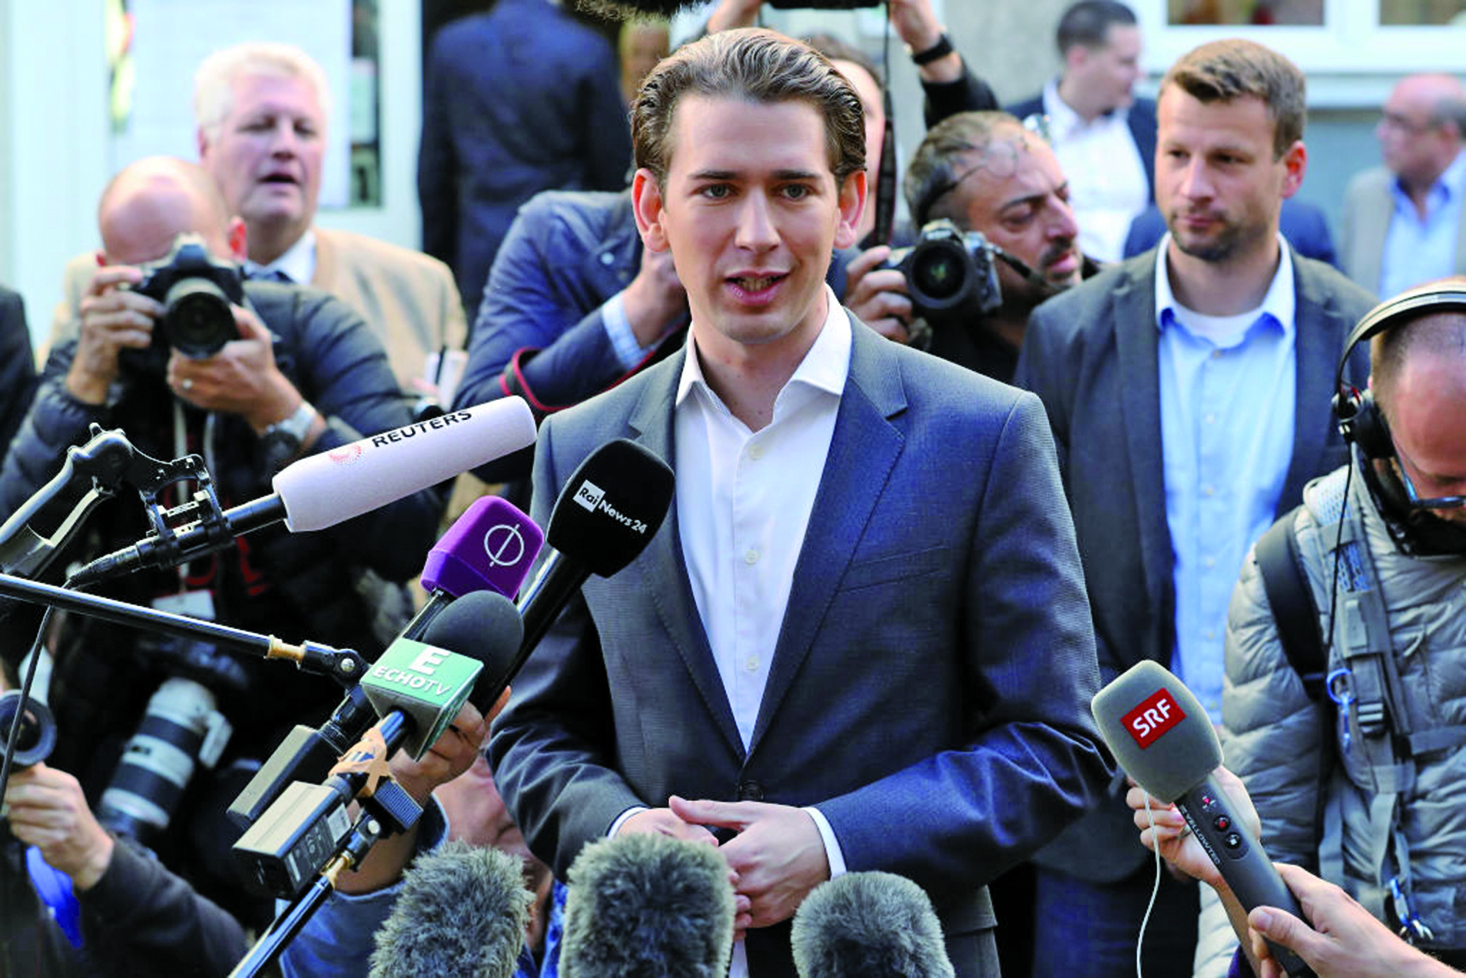 圖為奧地利31歲的人民黨主席庫爾茨(Sebastian Kurz)。(Getty Images)